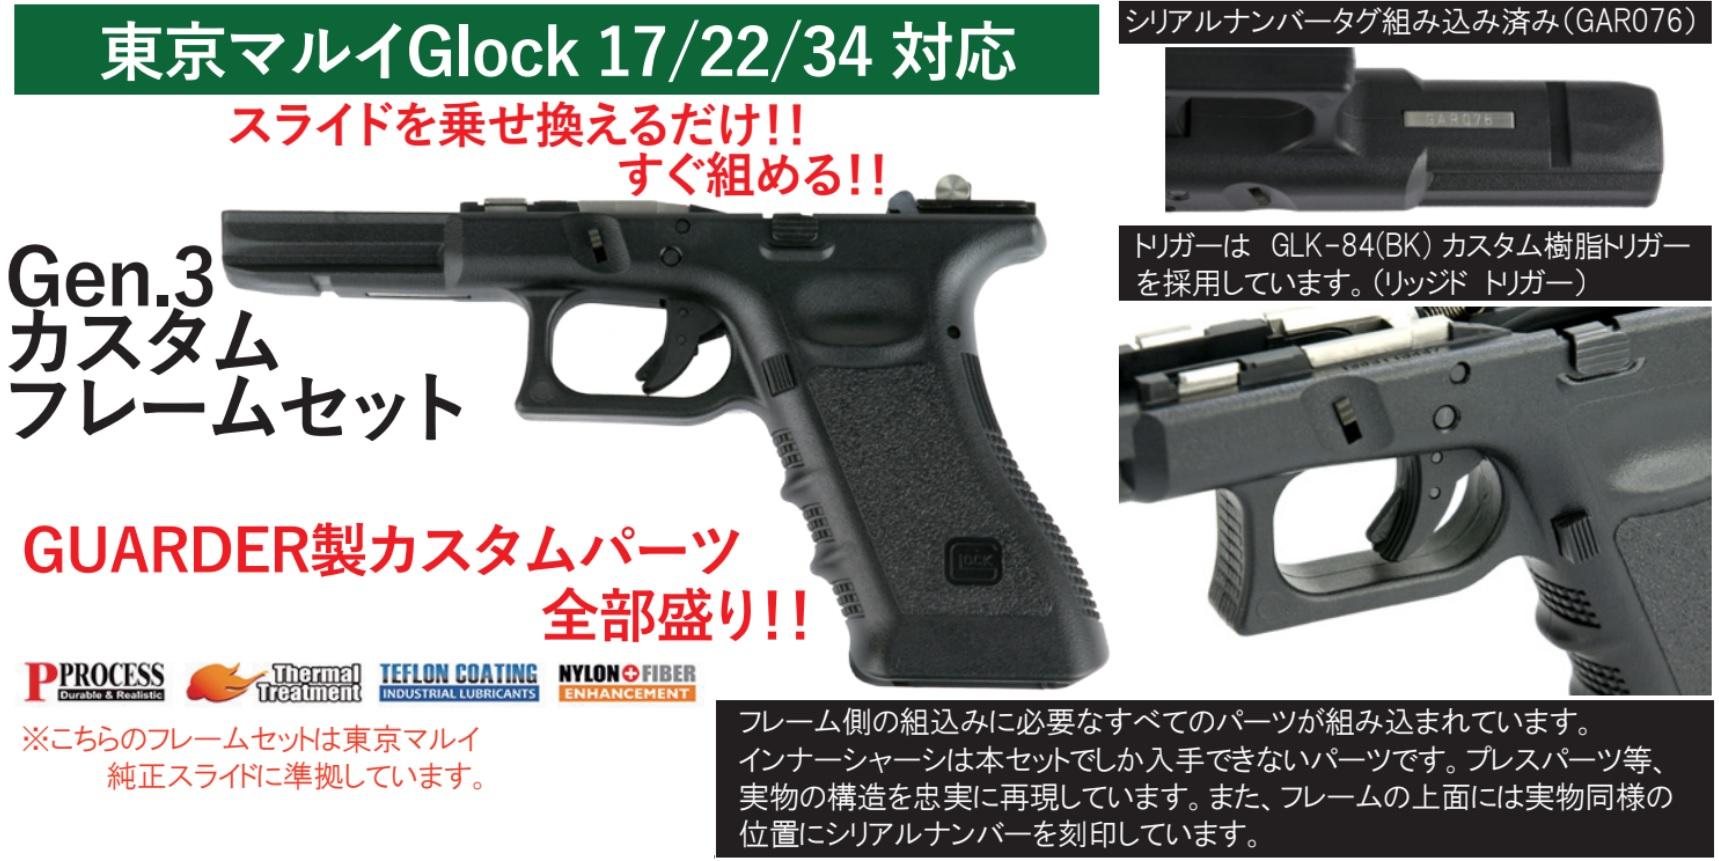 Guarder マルイG17/18C/22/34用G17 Gen.3フレームアッセンブリー